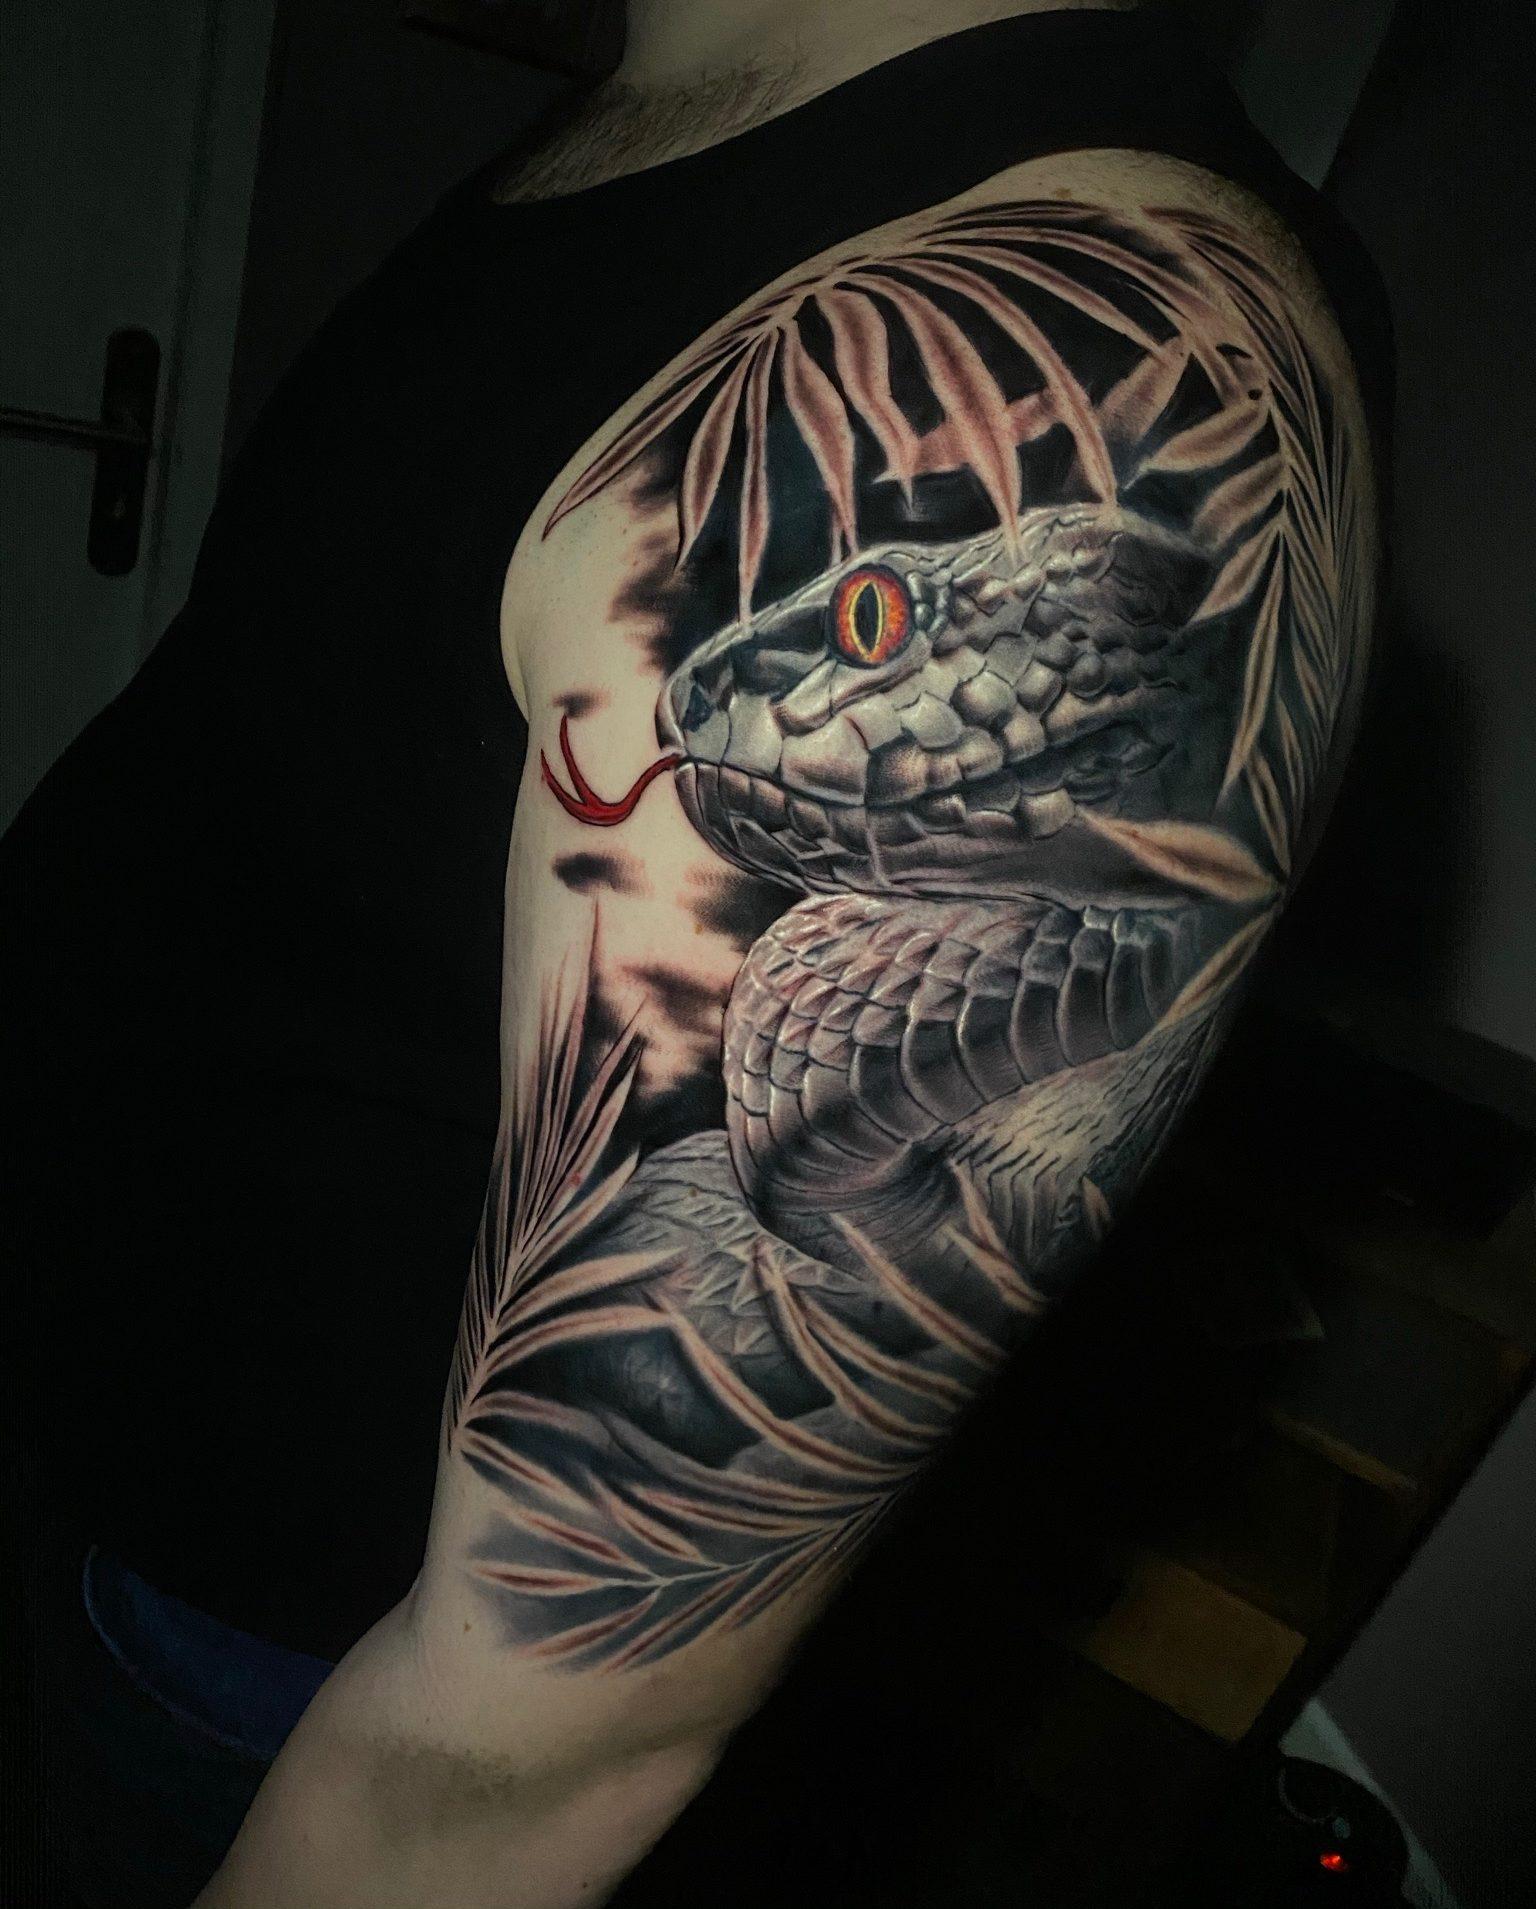 Tatouage réaliste noir et gris d'un serpent